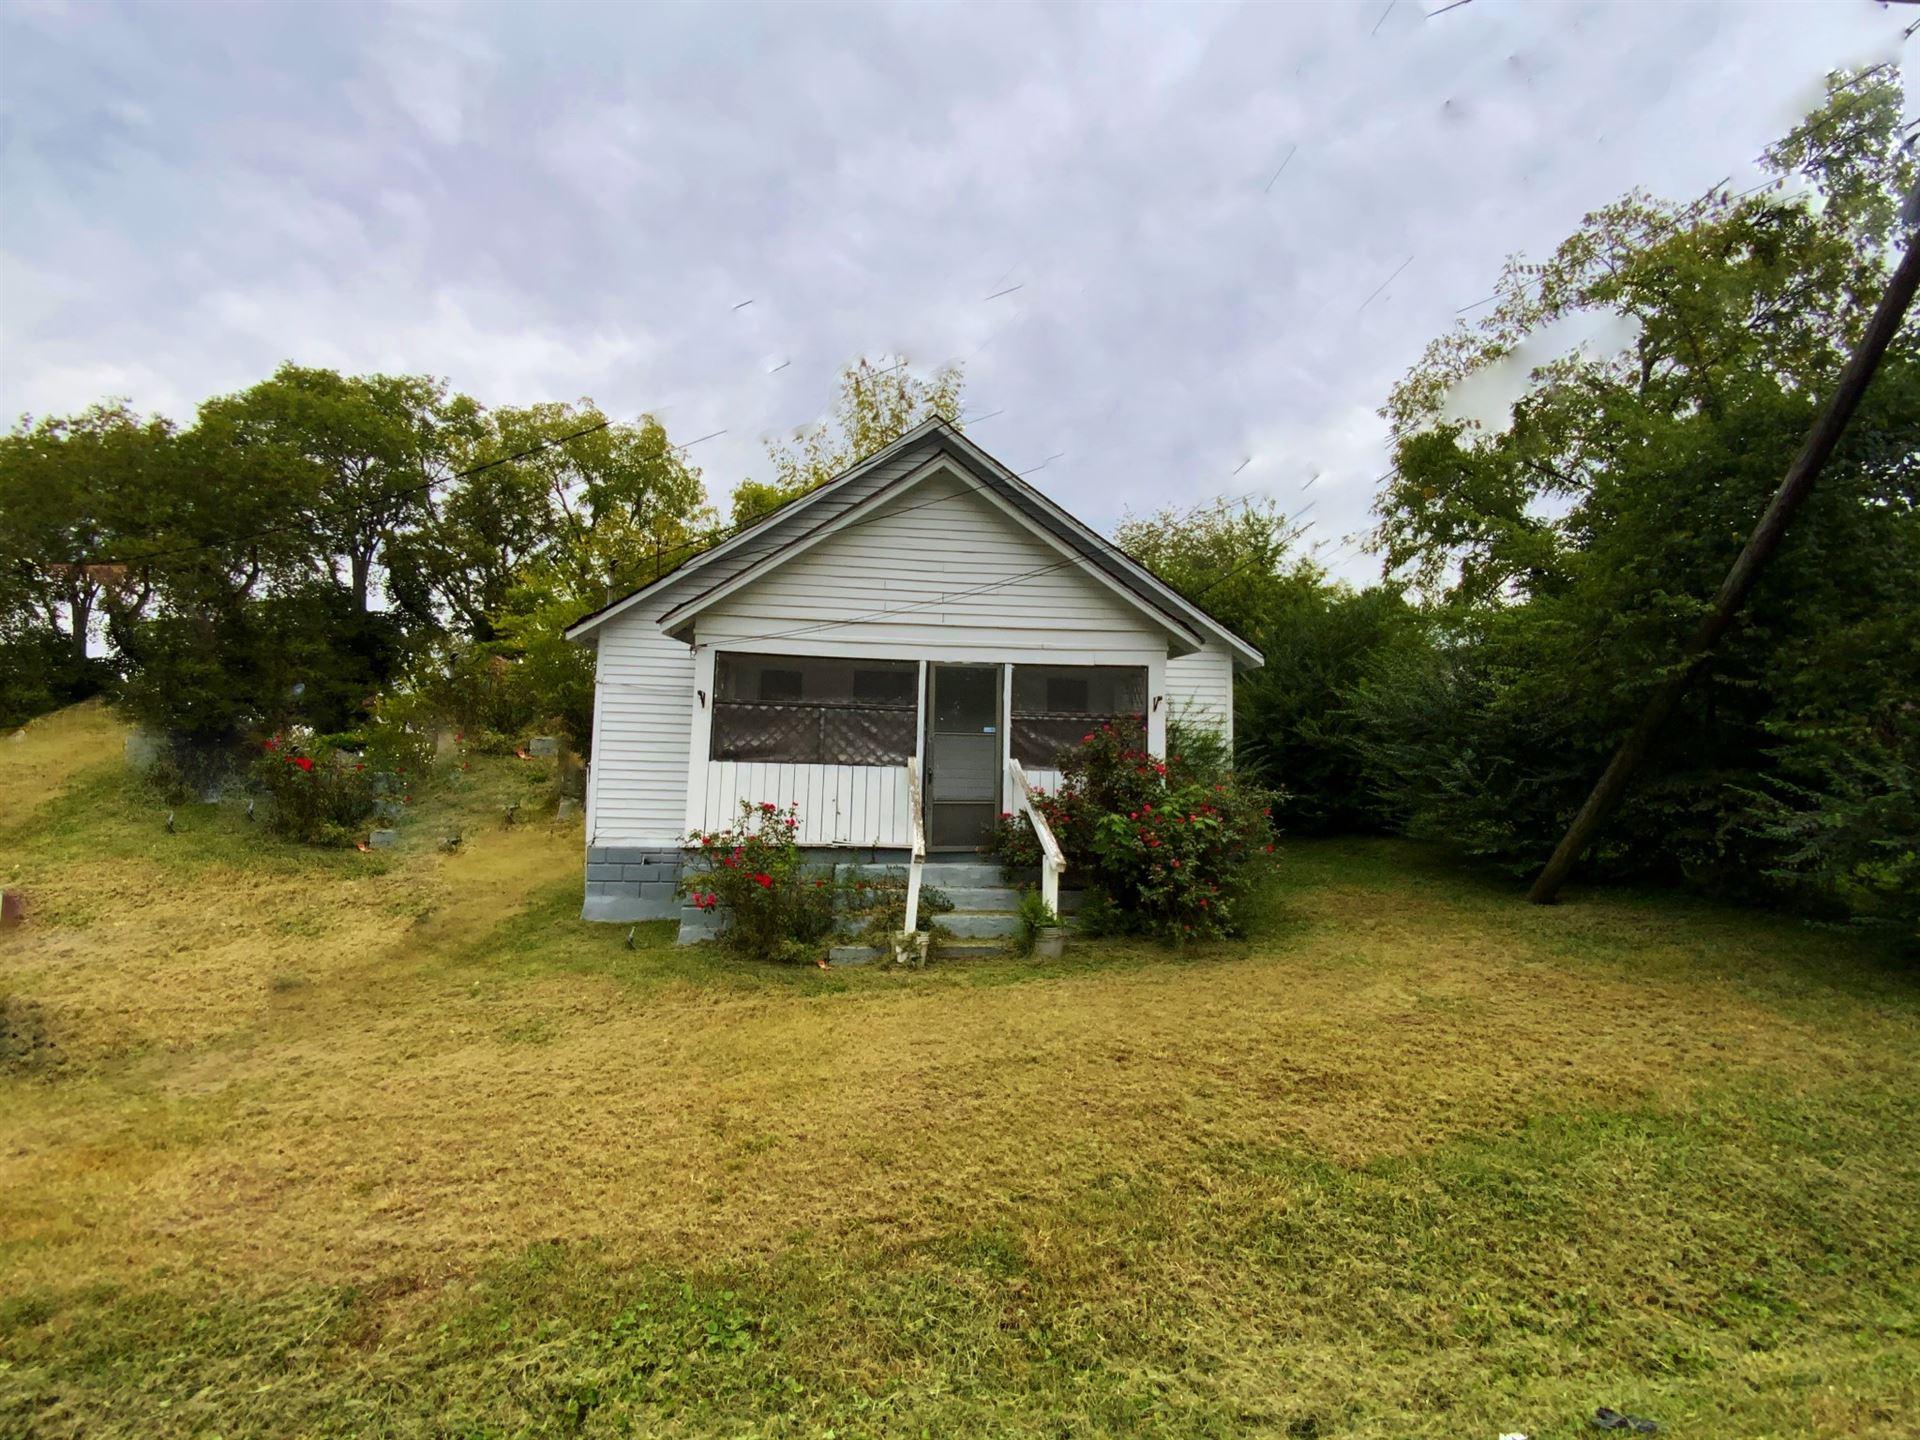 206 E Woodrow St, Gallatin, TN 37066 - MLS#: 2200902